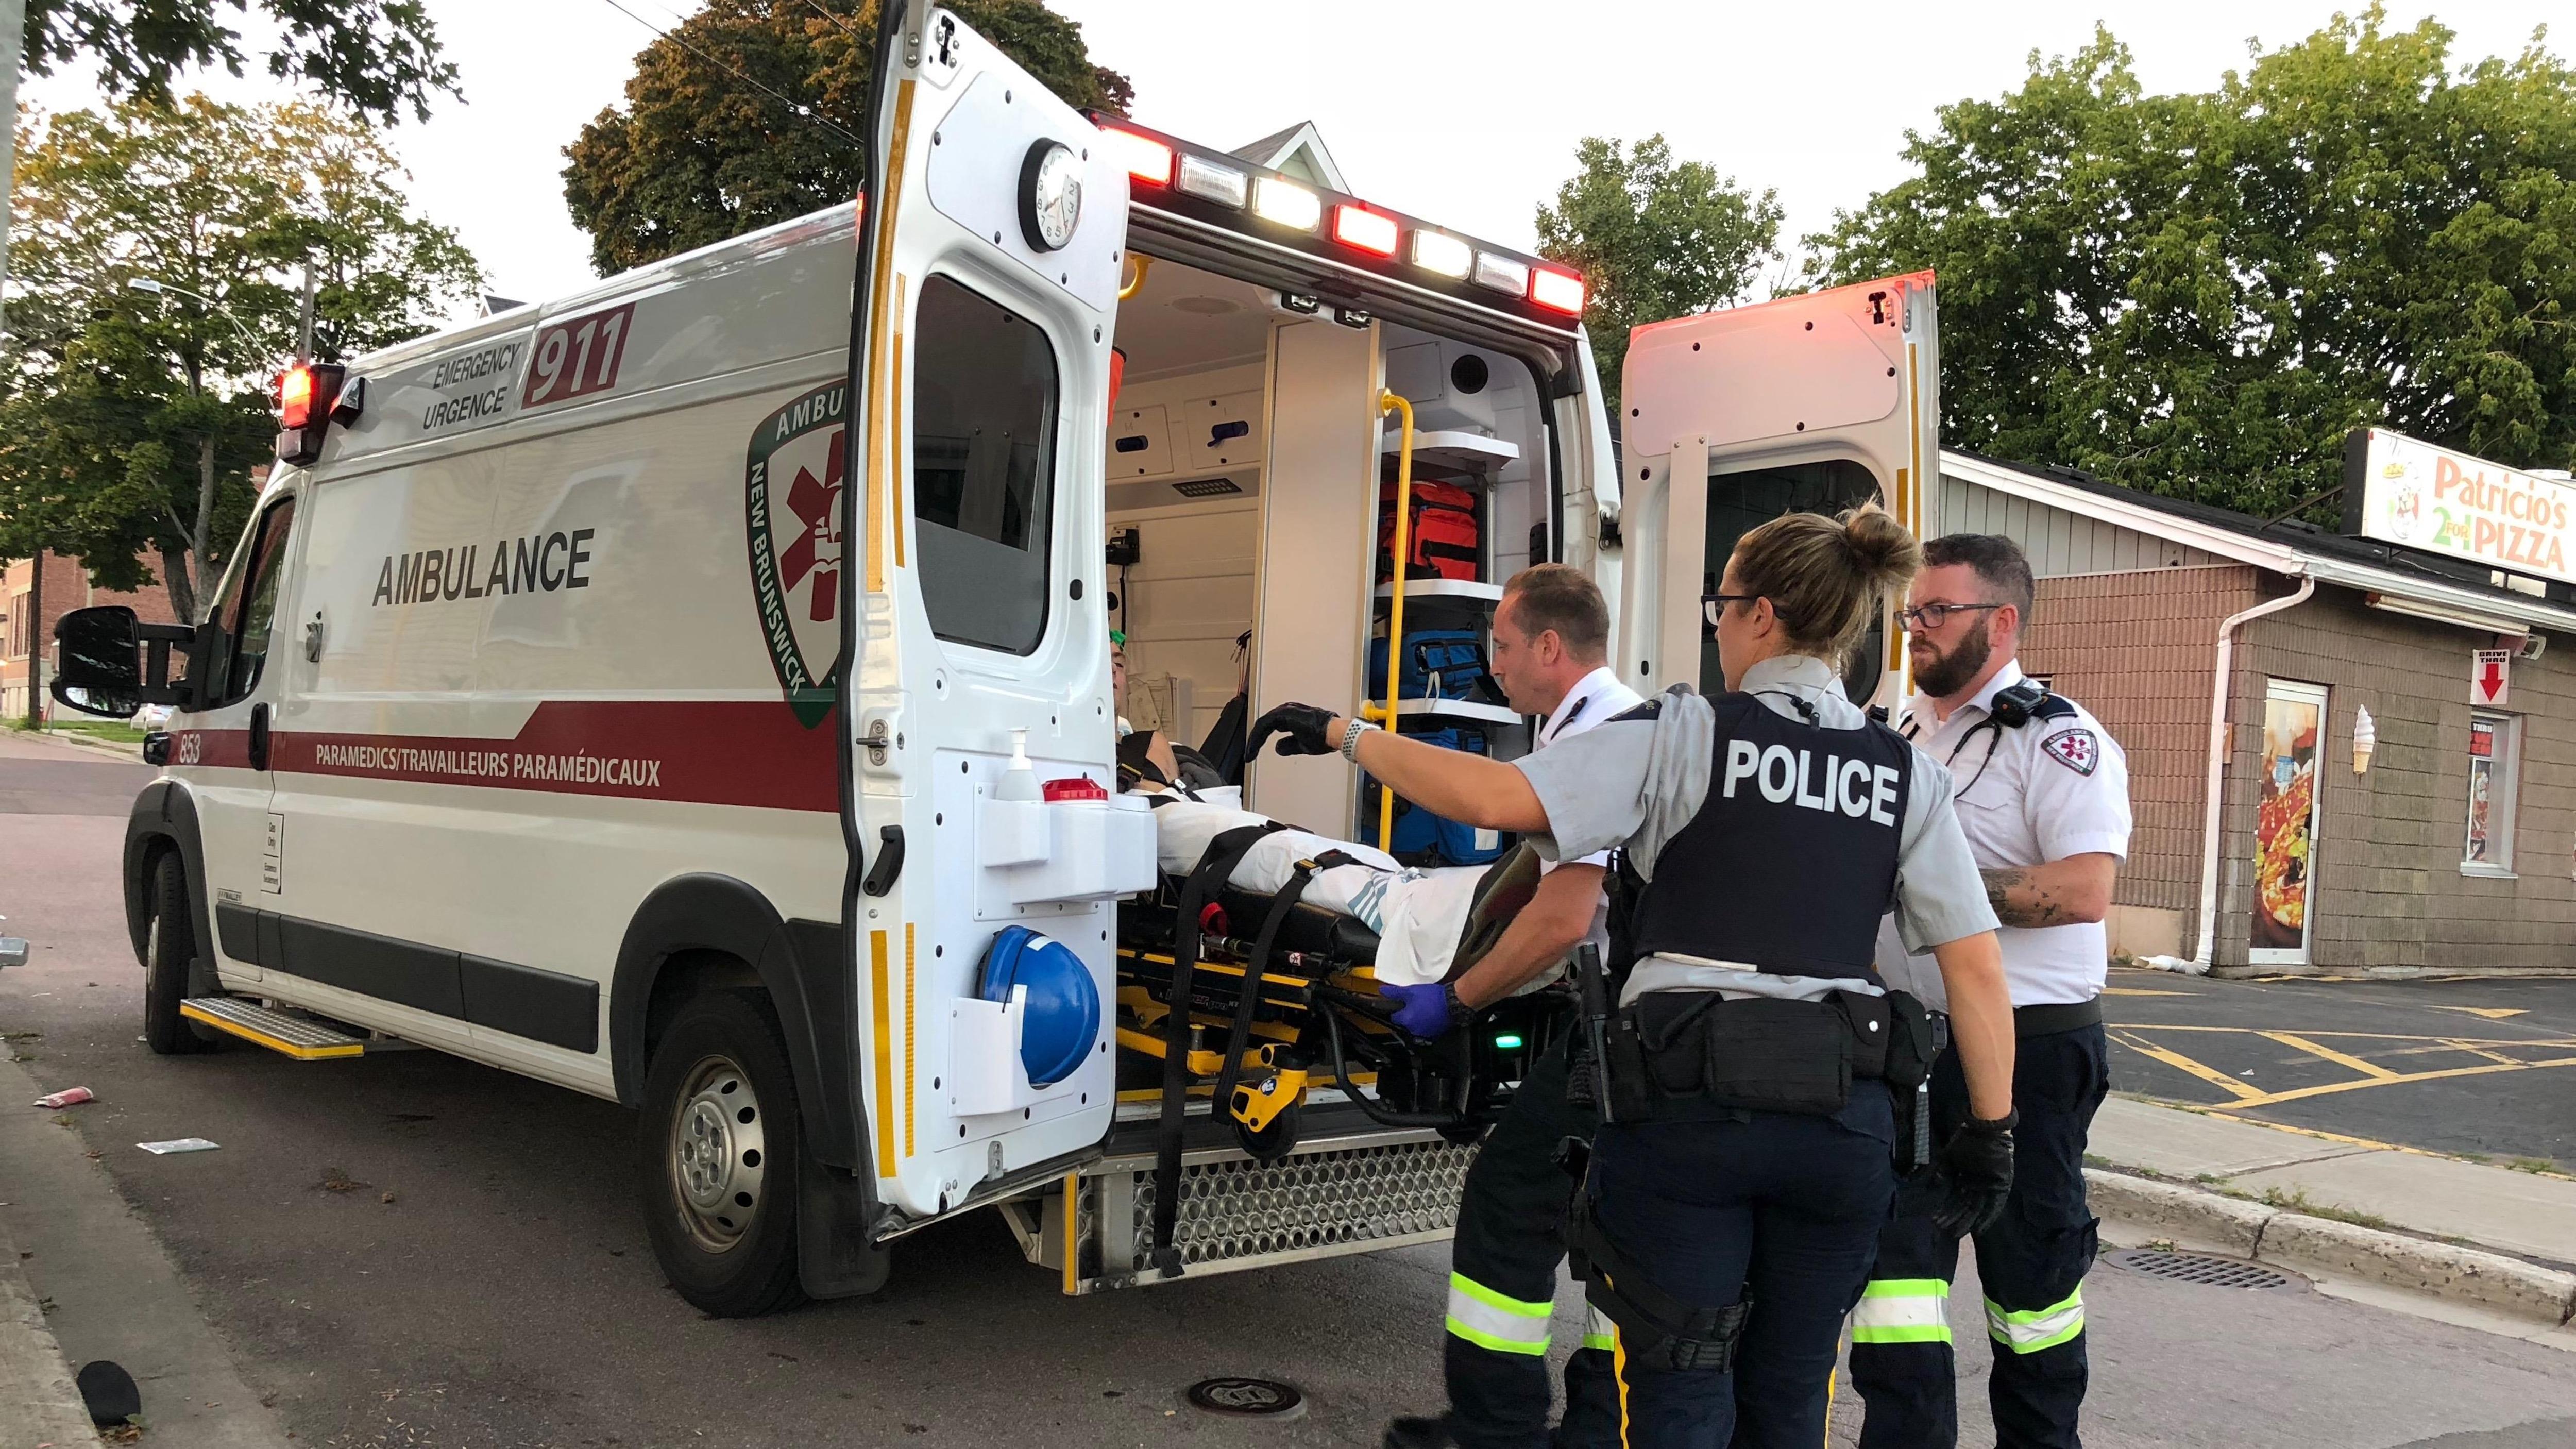 Deux ambulanciers et une policière traitent un individu transporté dans le camion sur une civière.